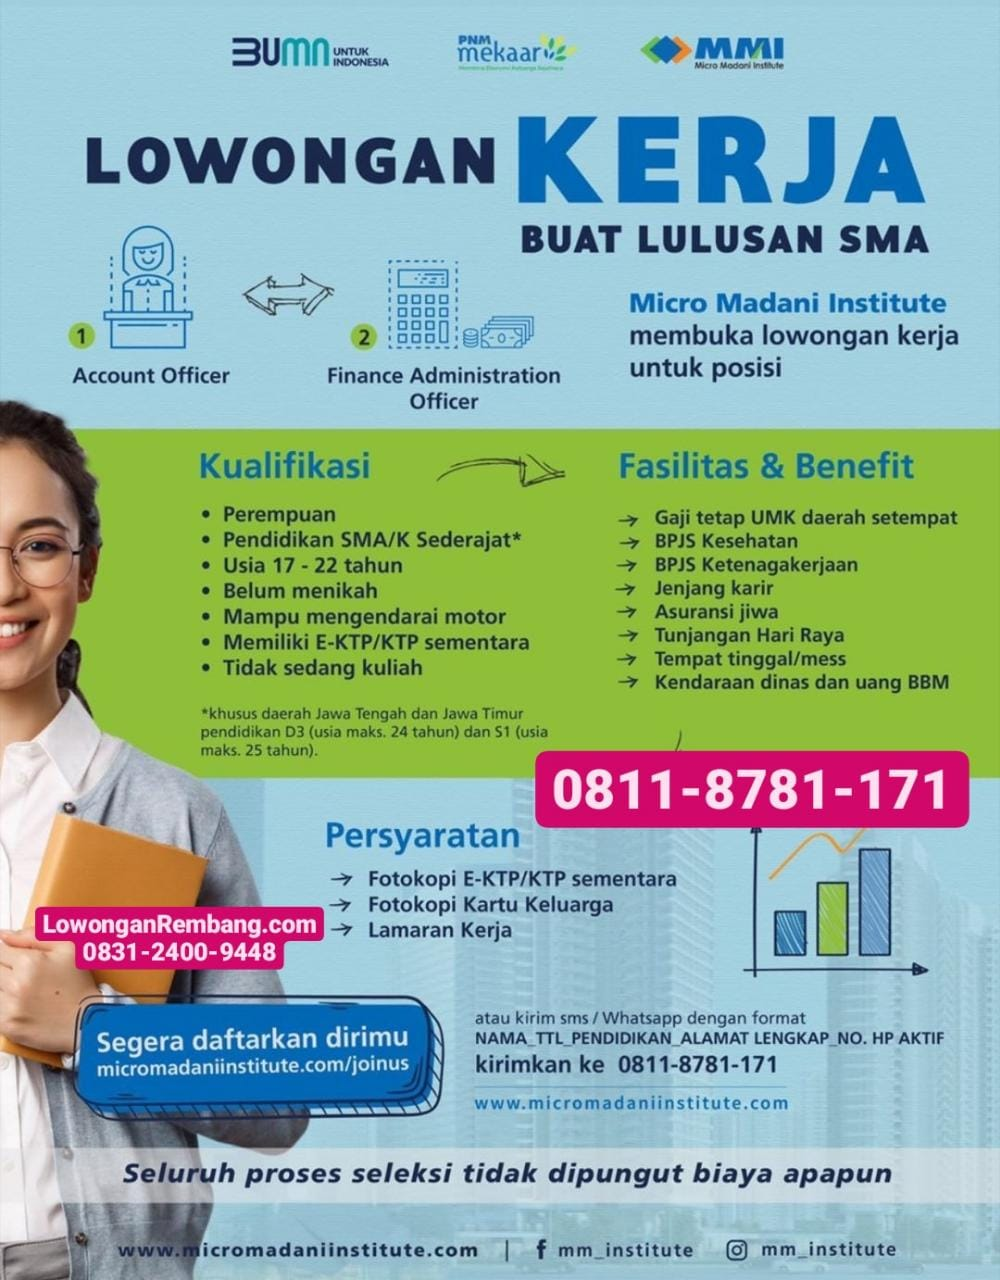 Lowongan Kerja BUMN Micro Madani Institute PNM Mekaar Rembang